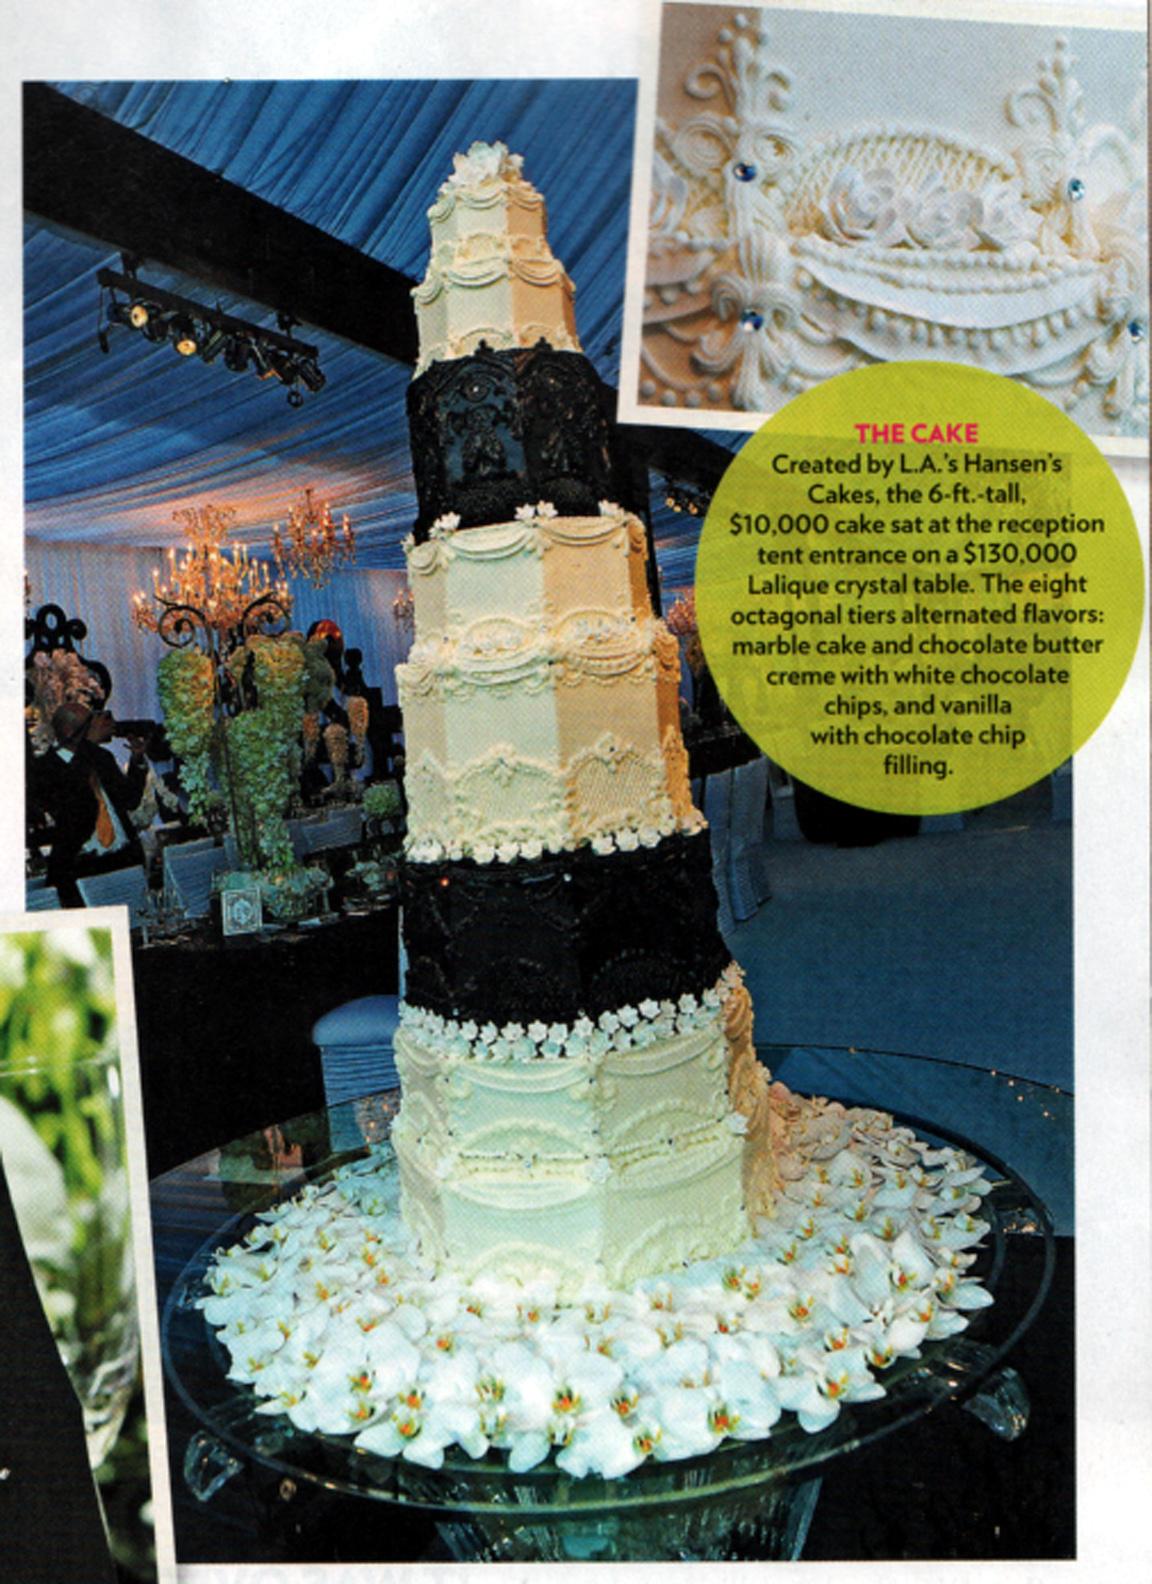 Best Of 2011 Favorite Wedding Cake Kim Kardashian Birthday ...